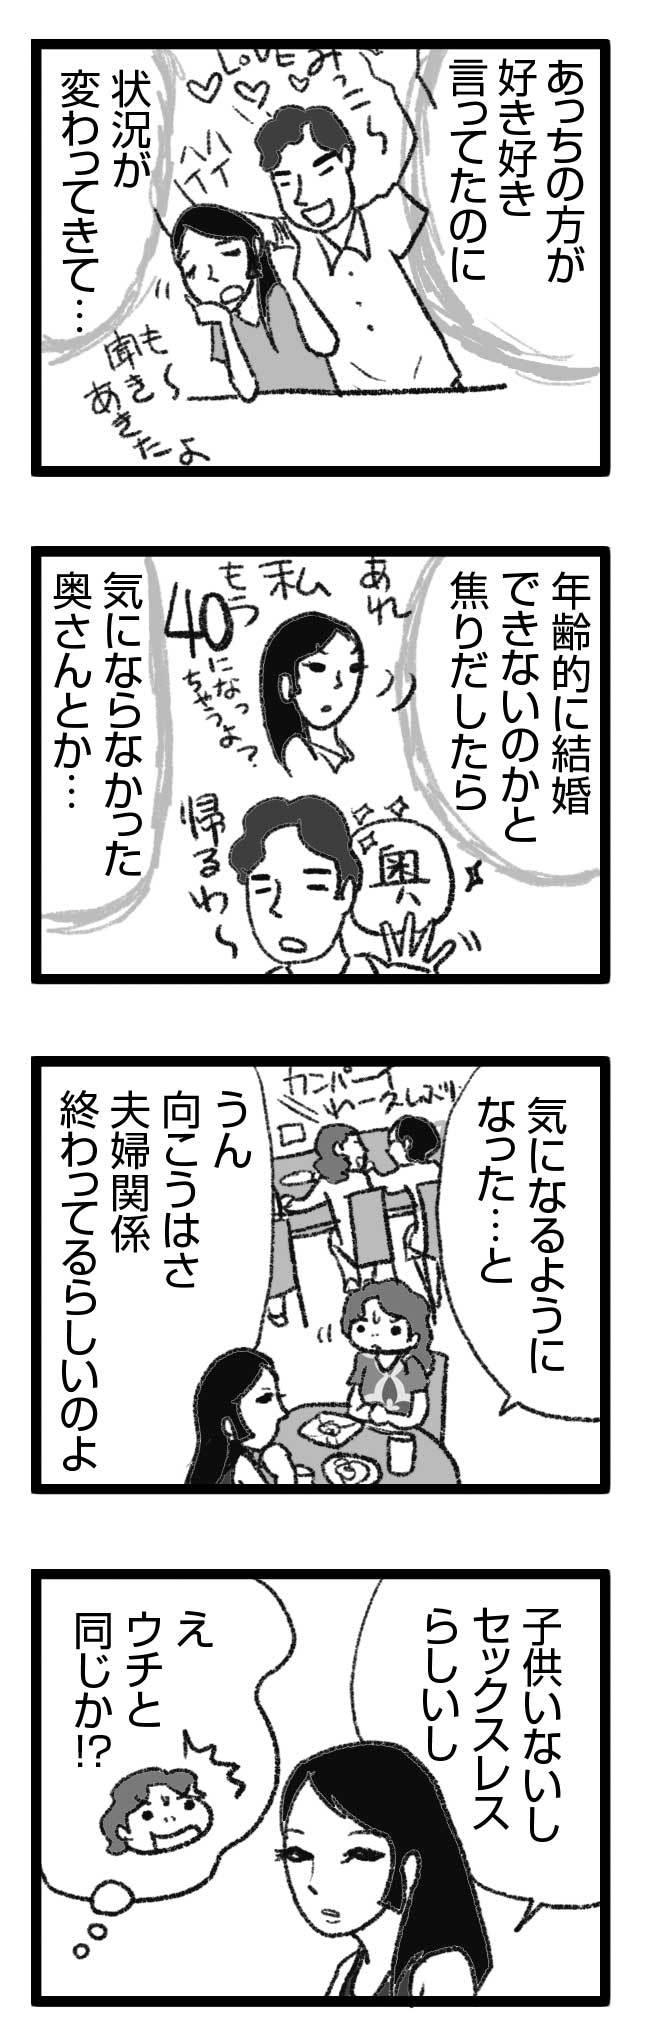 236 不倫と負け婚3 婚活 恋活 不倫 元彼 職場 ふりん まんが 漫画 マンガ